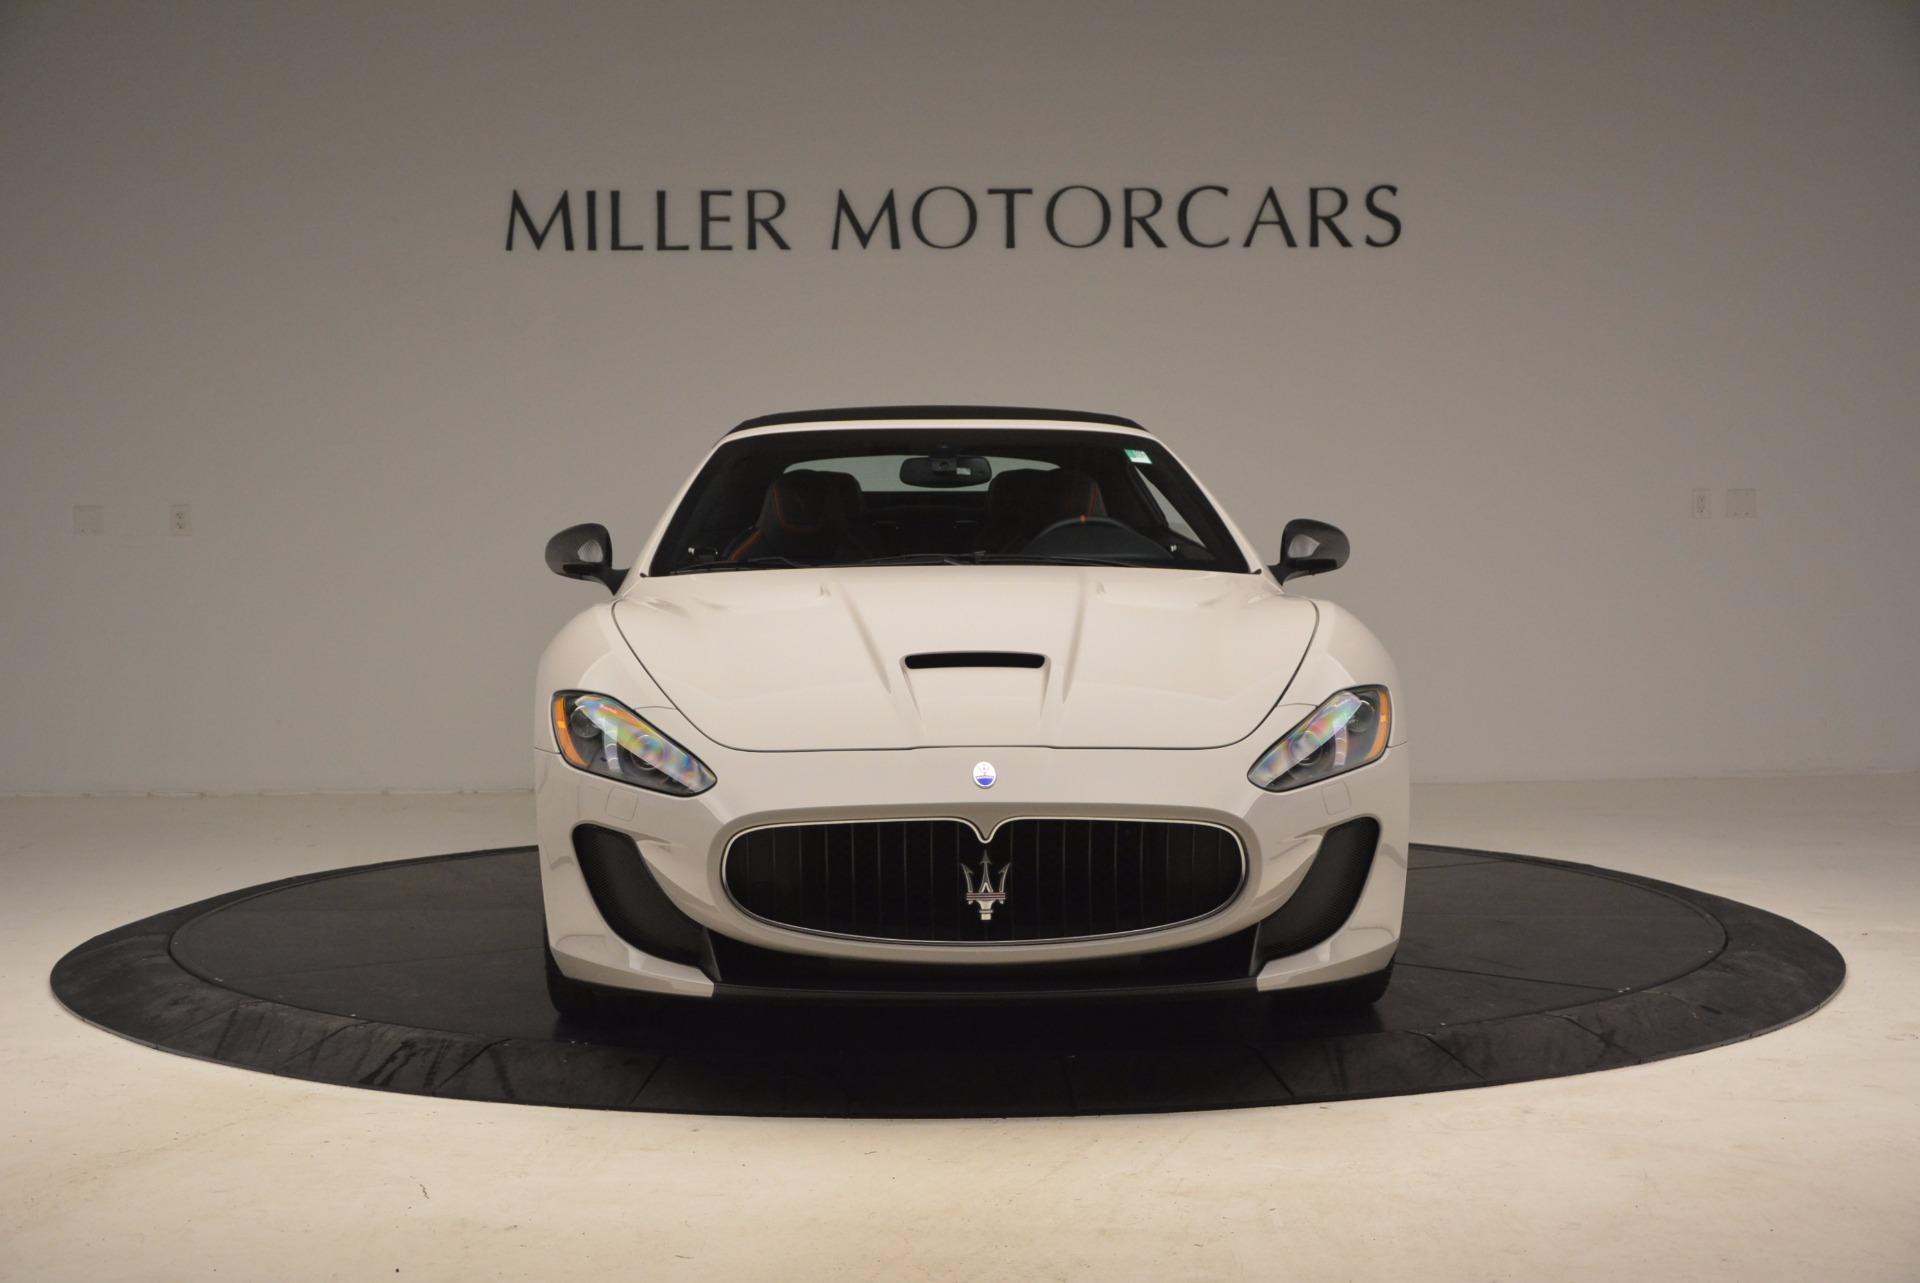 Used 2015 Maserati GranTurismo MC Centennial For Sale In Greenwich, CT 1107_p24